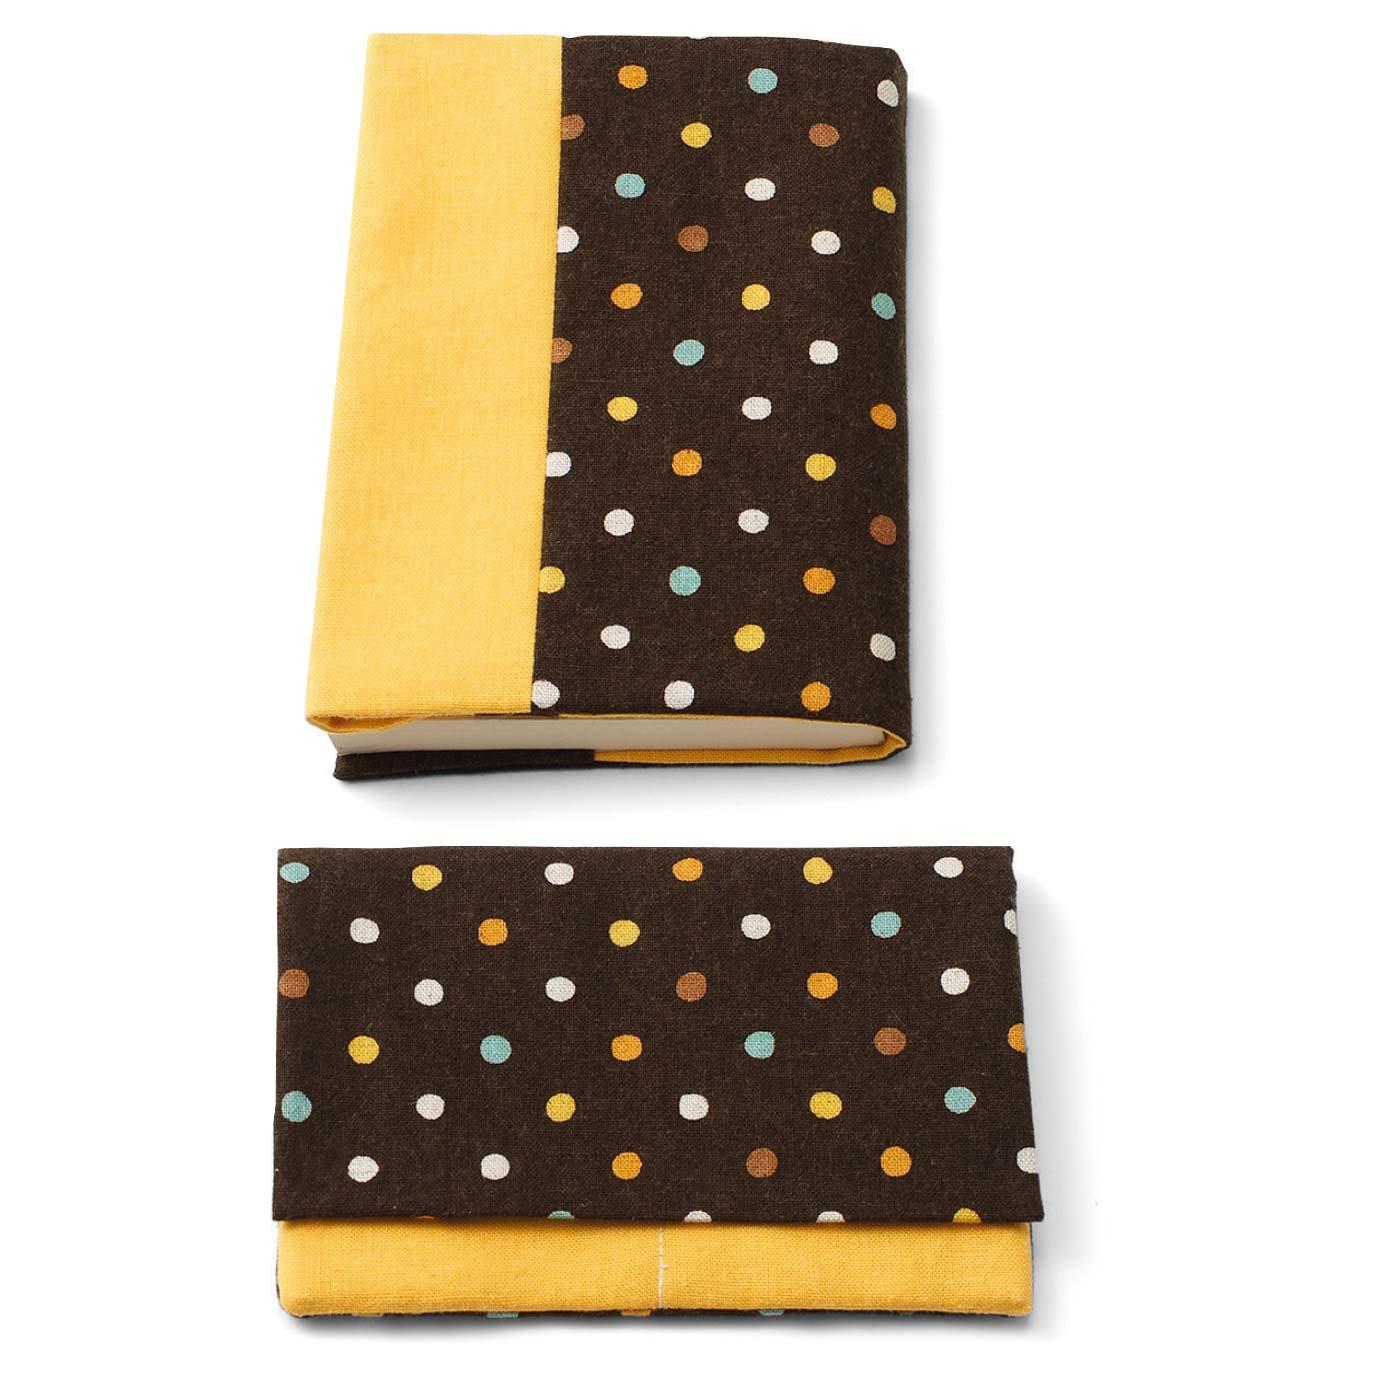 ブックカバー 縦約16cm、横約30cm(文庫本サイズ) カードケース 縦約10cm、横約15cm